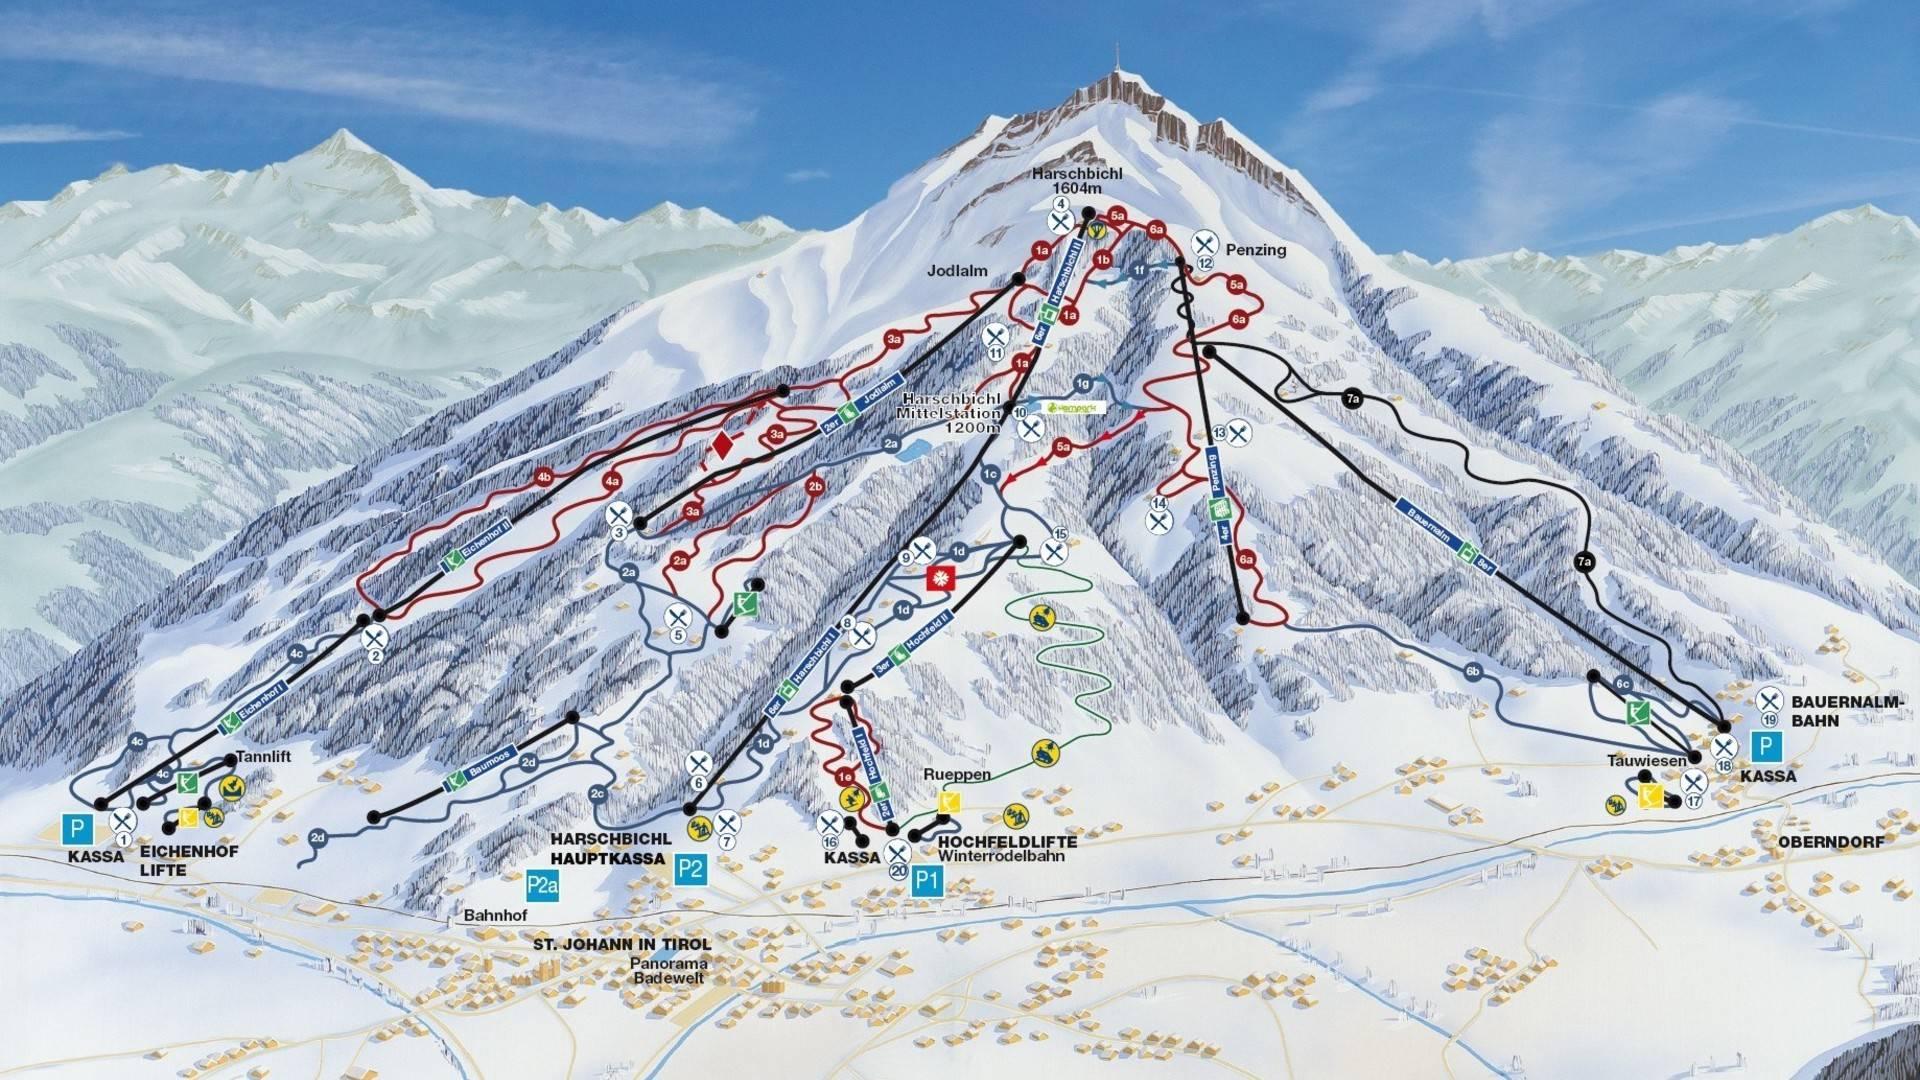 Как добраться из мюнхена в ишгль: путь к альпийскому курорту